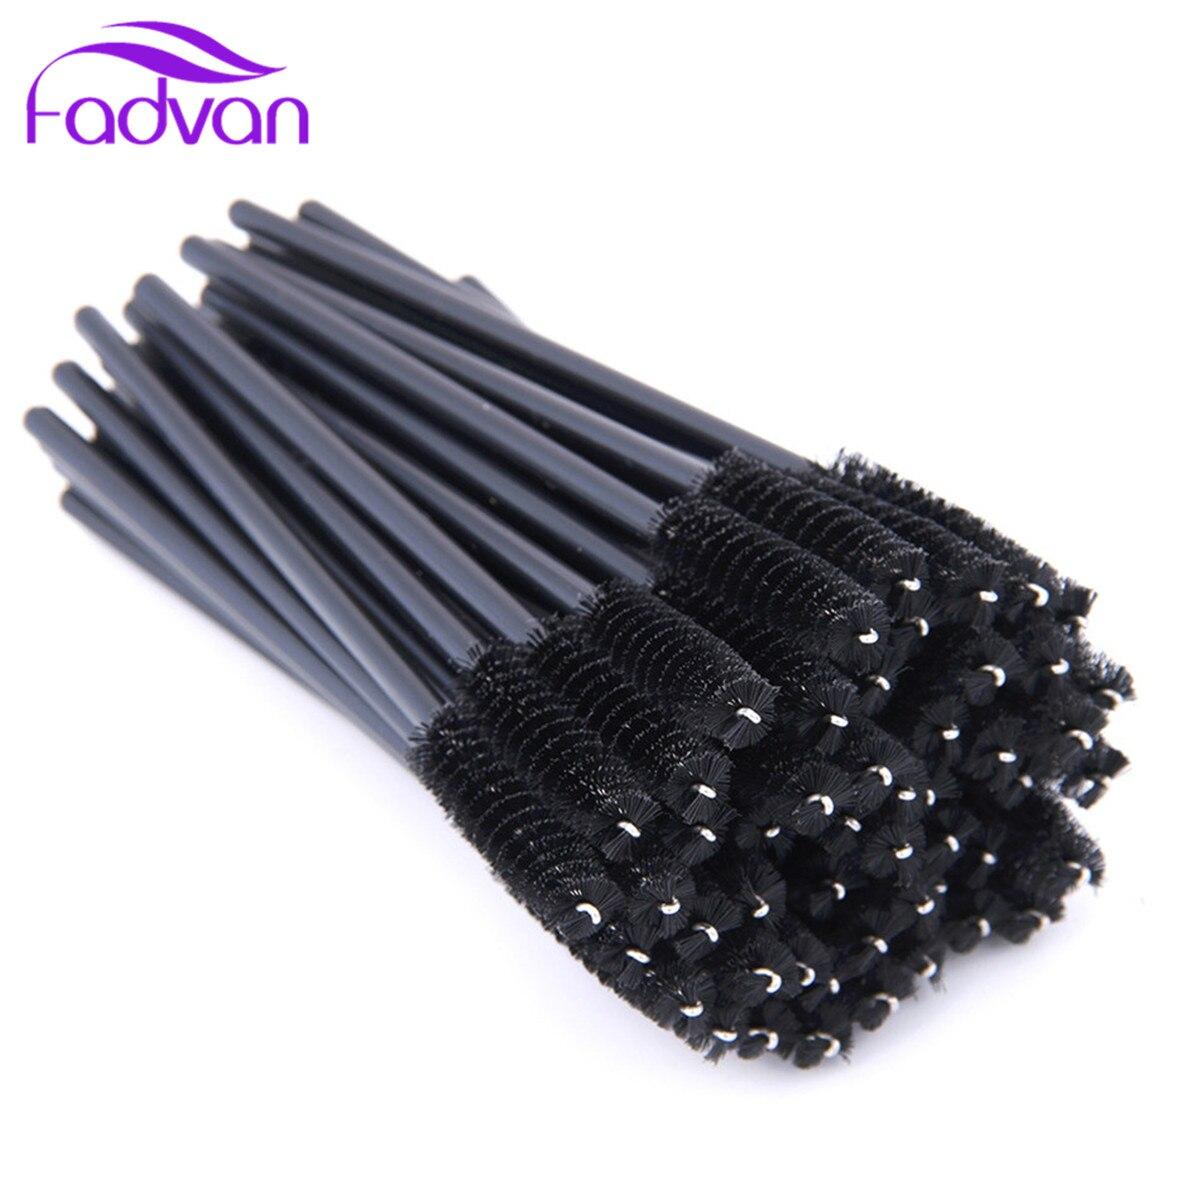 250 Pcs/Set Mascara Wands Applicator Spoolers Eye Lashes Brushes Eyelash Comb Brushes Spoolers Makeup Eyelash Eye Lash Brush